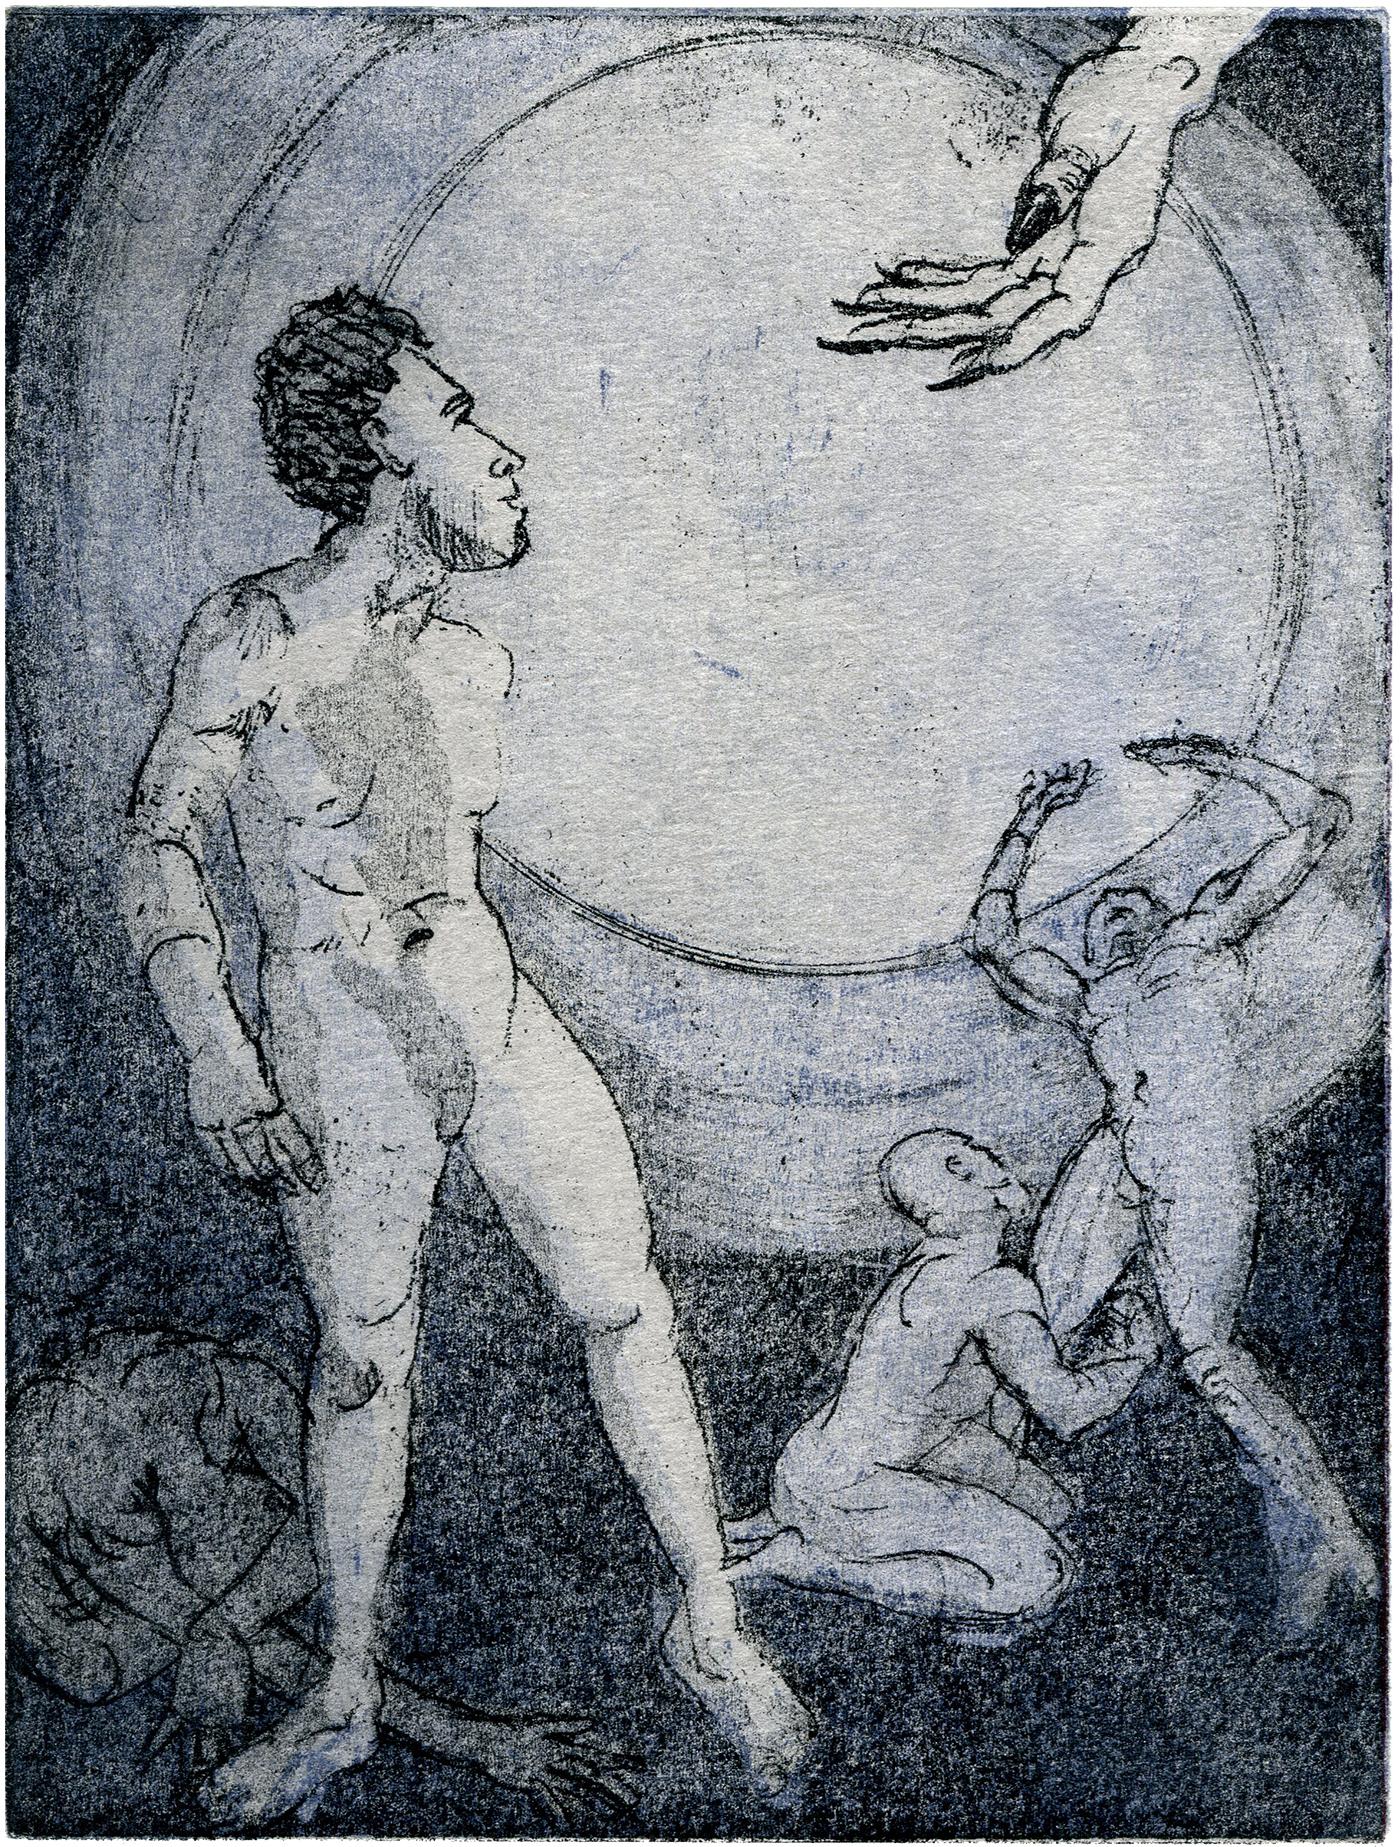 Die Hand, Vernies Mou, Aquatinta von 2 Platten